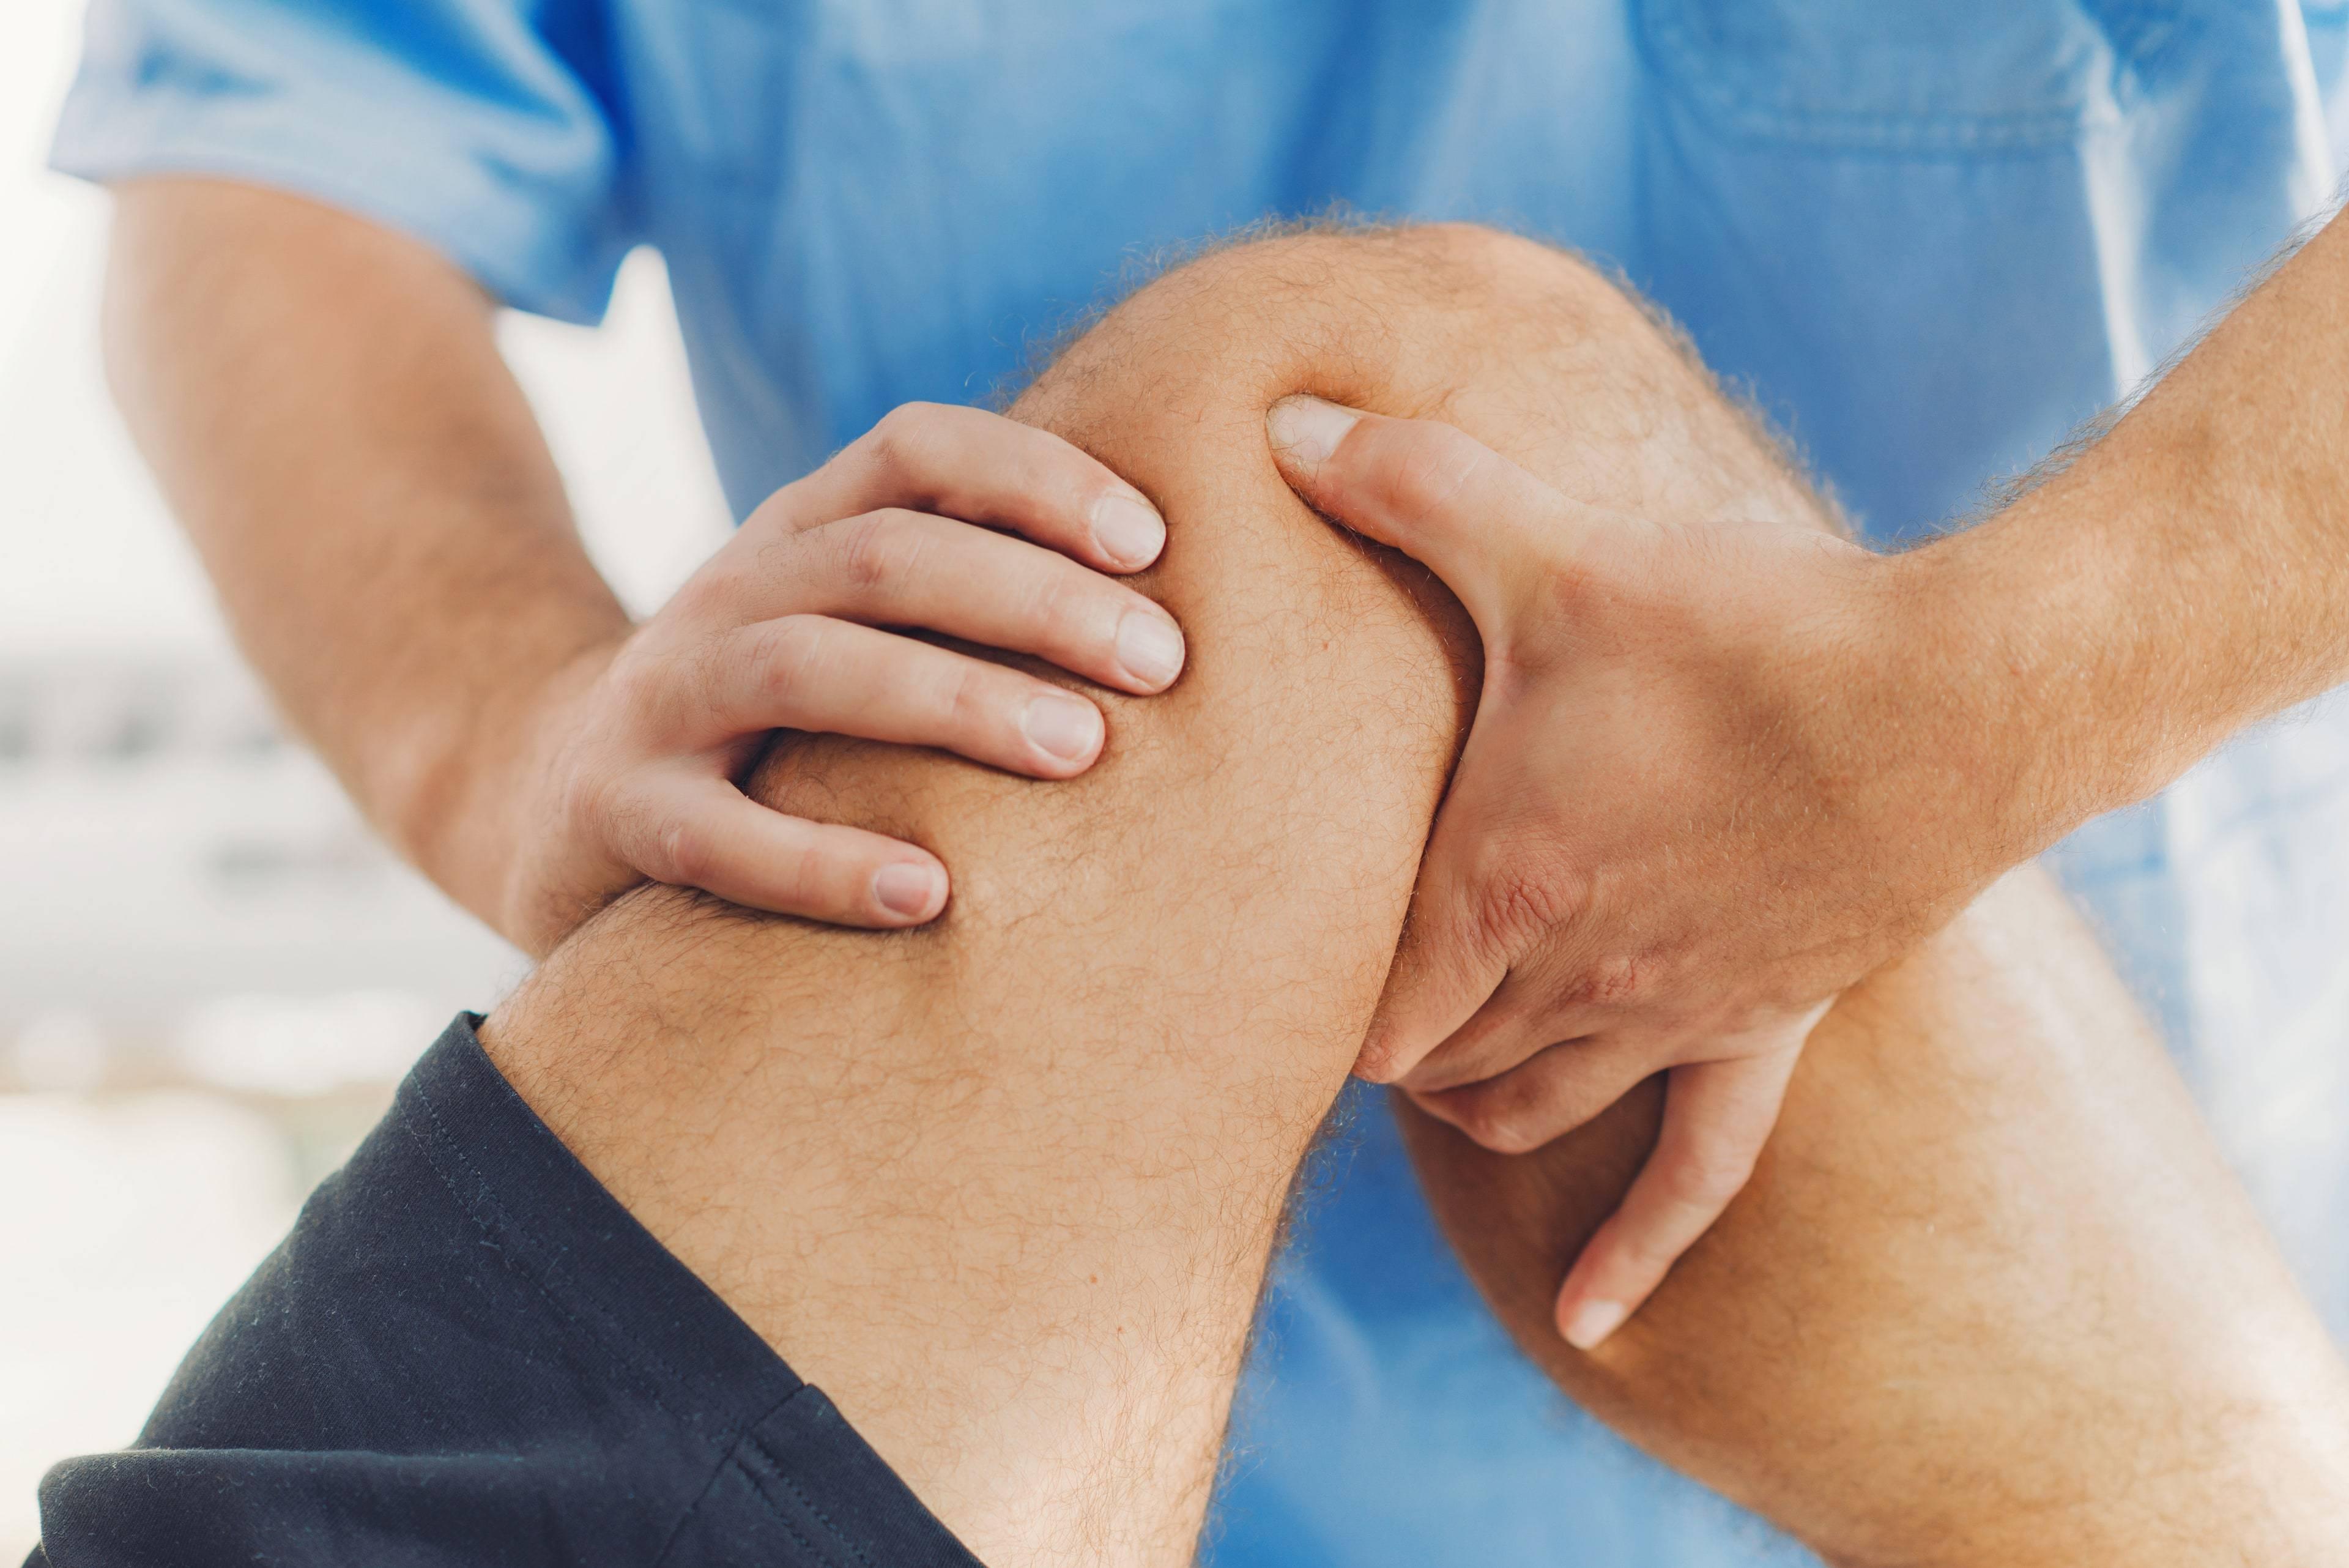 Проблемы с суставами, или береги суставы смолоду